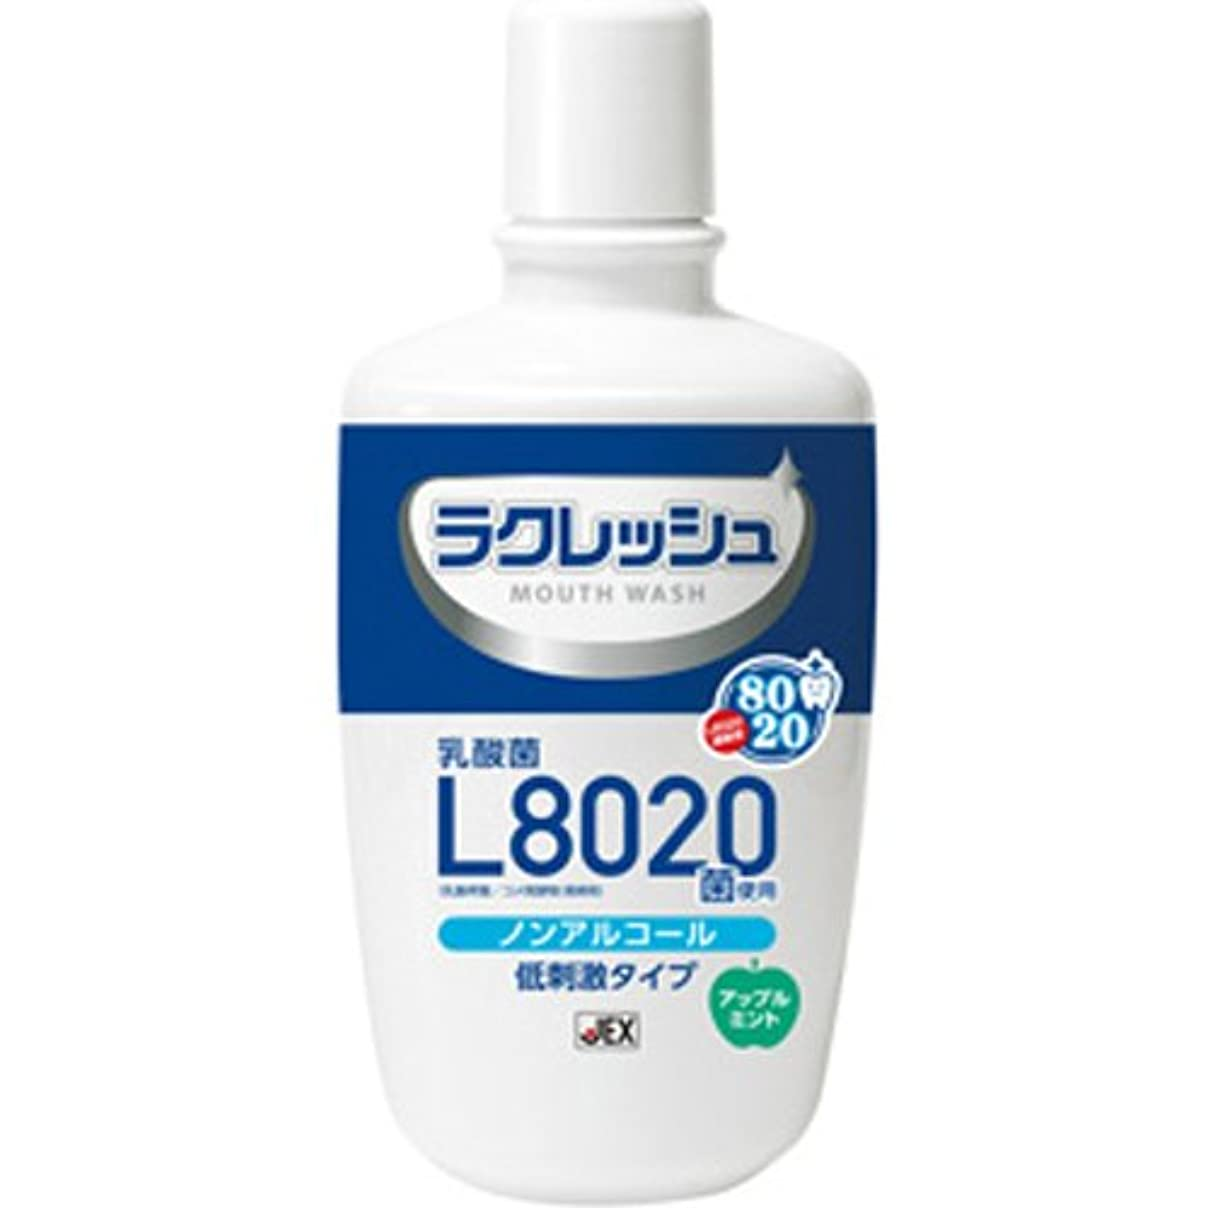 放射能スティック放棄されたラクレッシュ L8020菌入 マウスウォッシュ × 10個セット